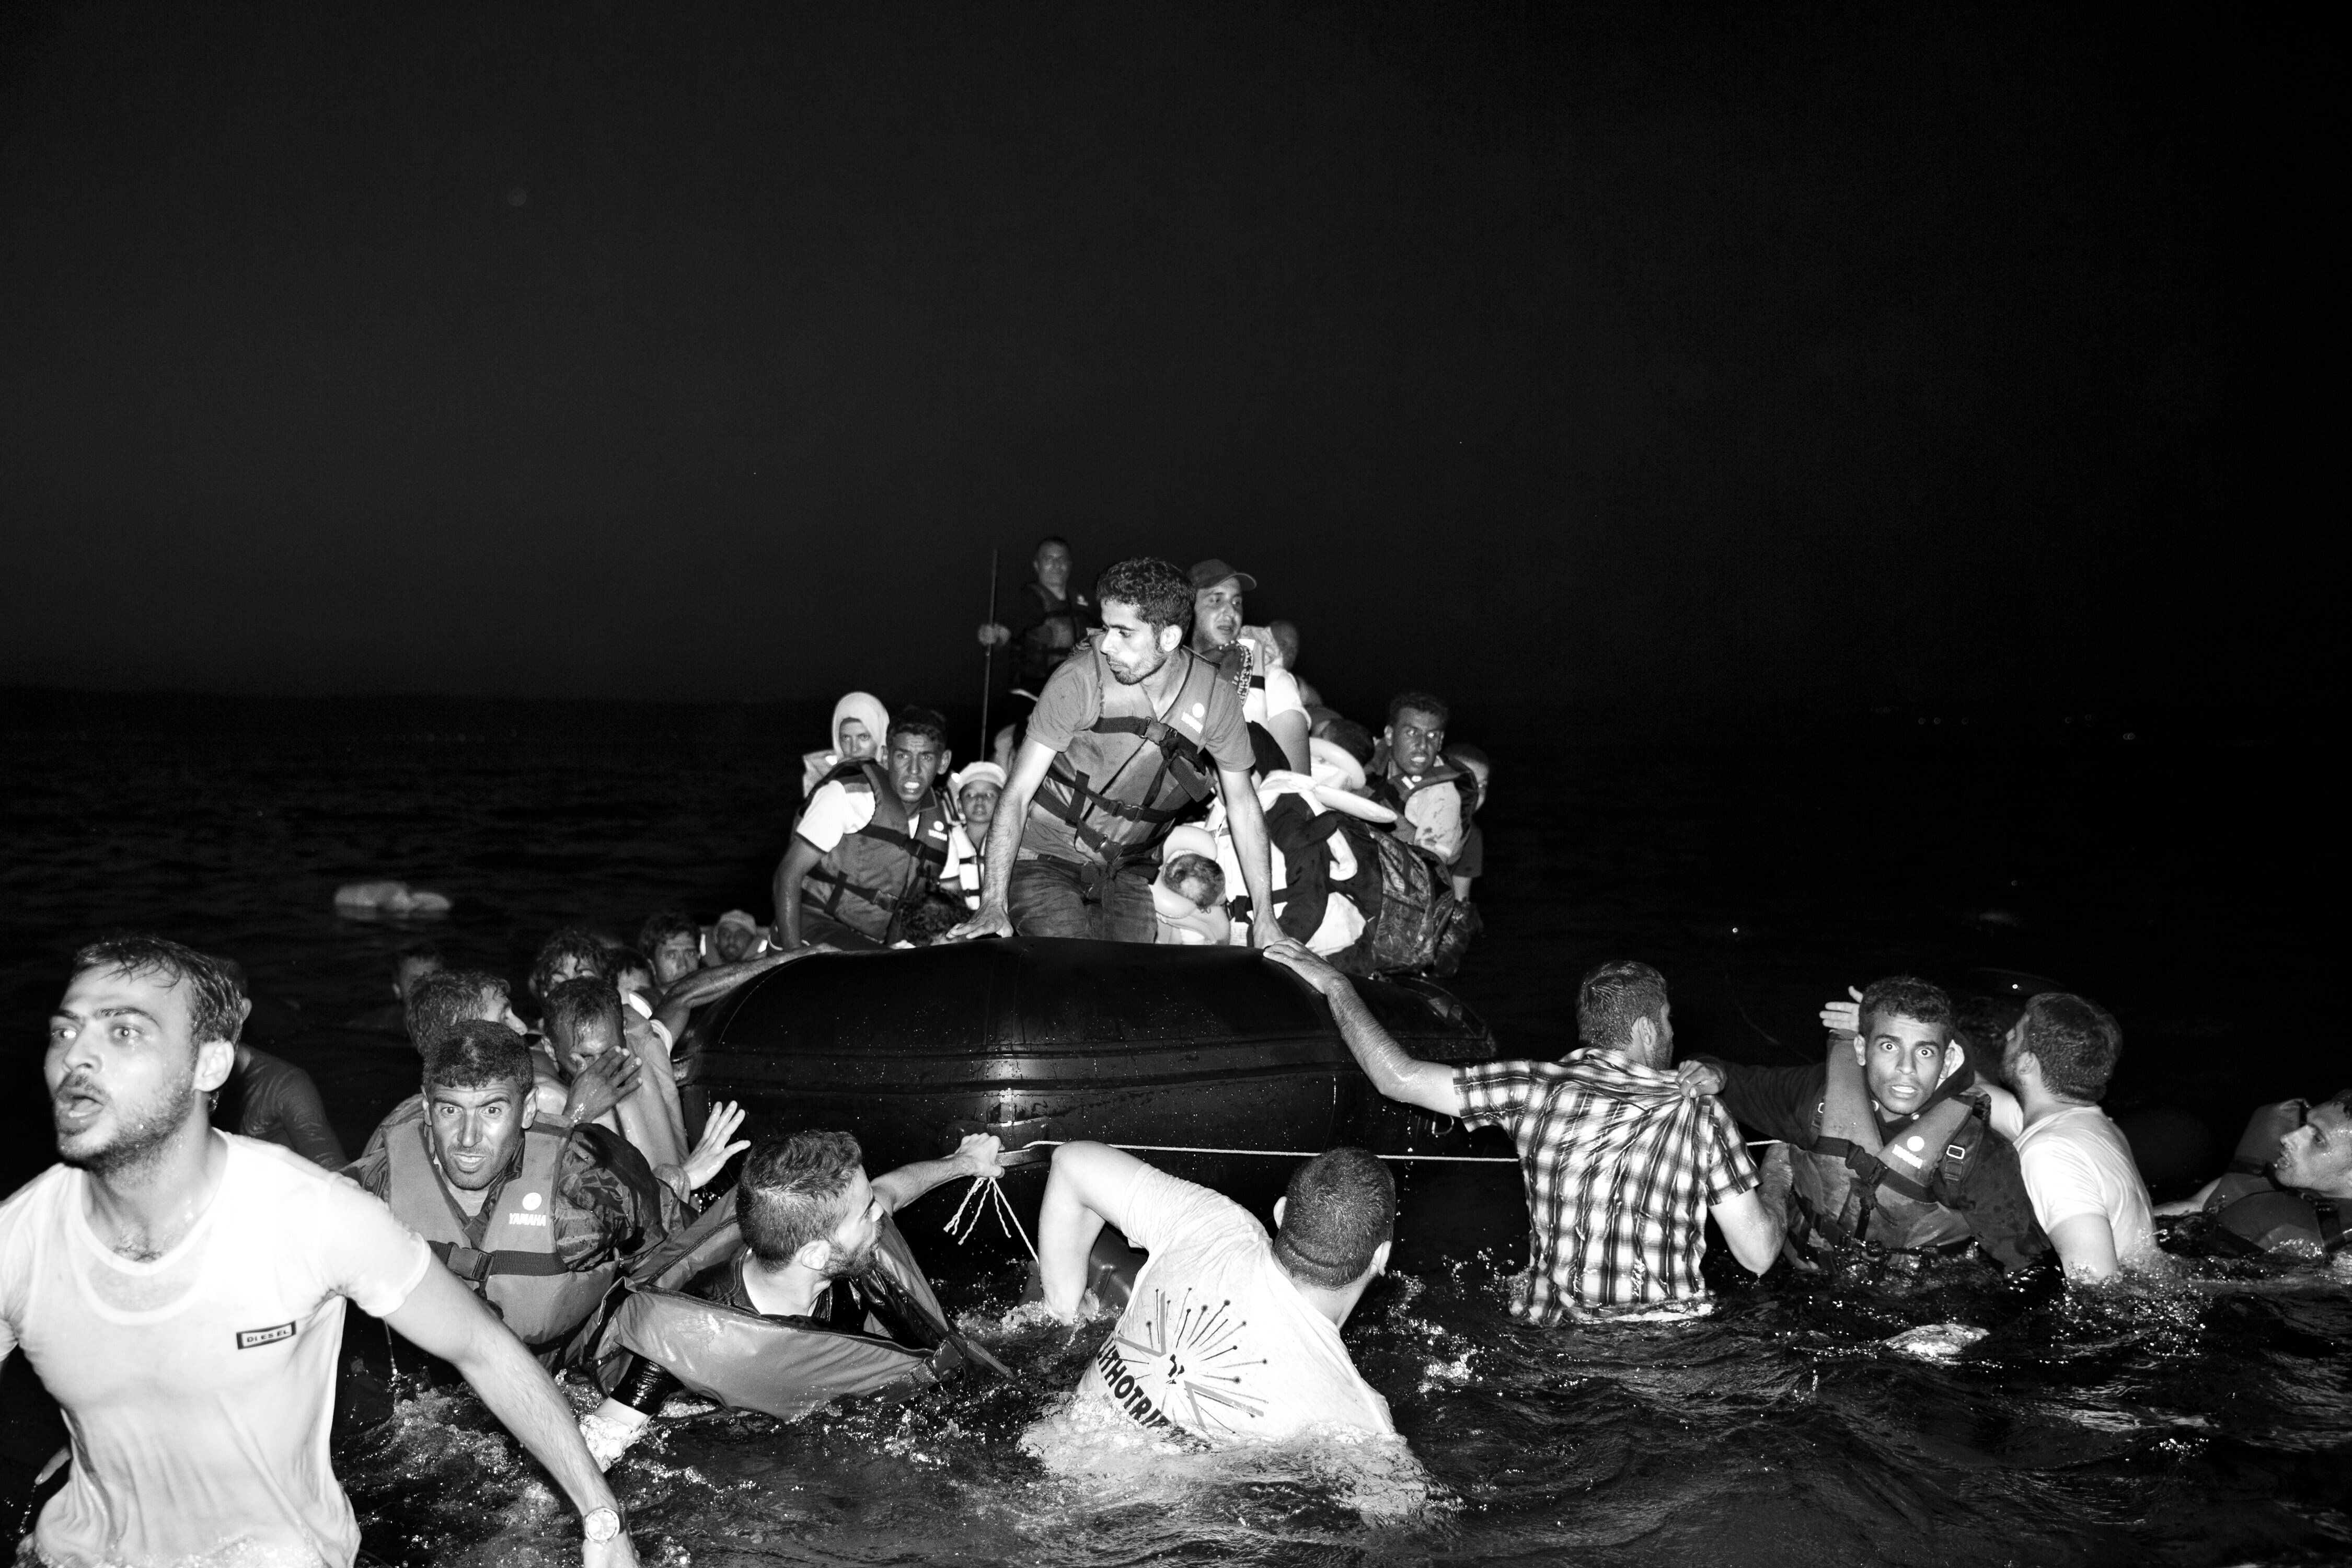 """Paolo Pellegrin: """"La convivenza tra esseri umani? Muri e confini ci dividono. La fotografia può ..."""